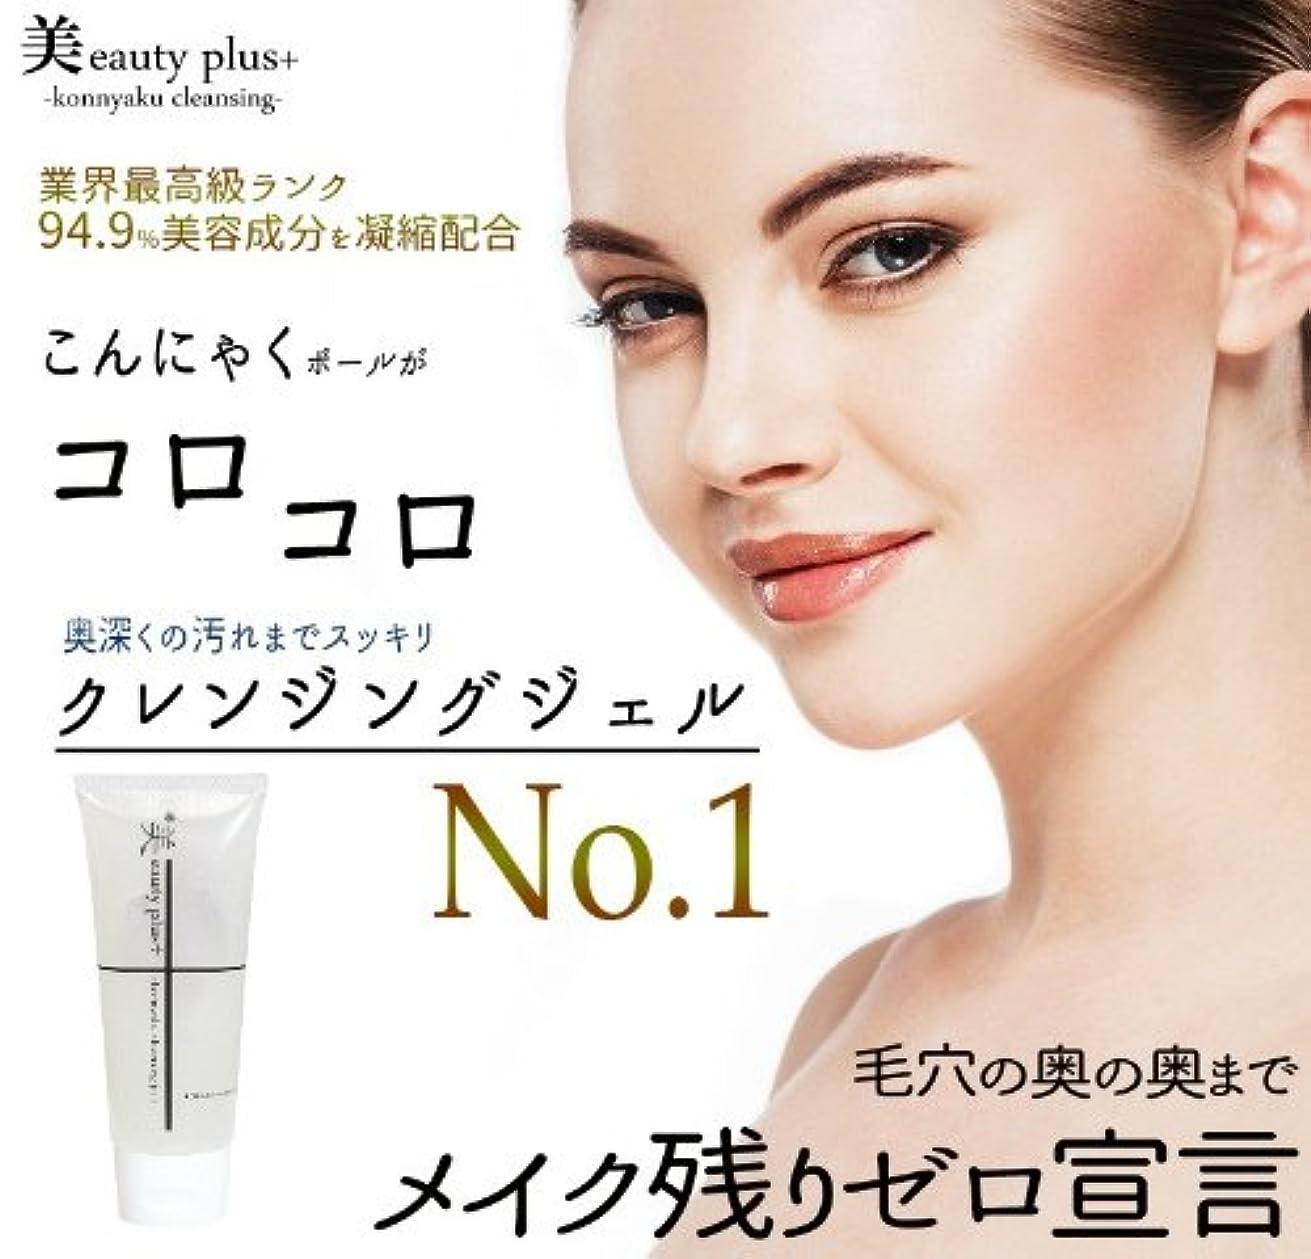 モデレータ飽和する悪性の美eauty Plus+ Konnyaku Cleansing Jel